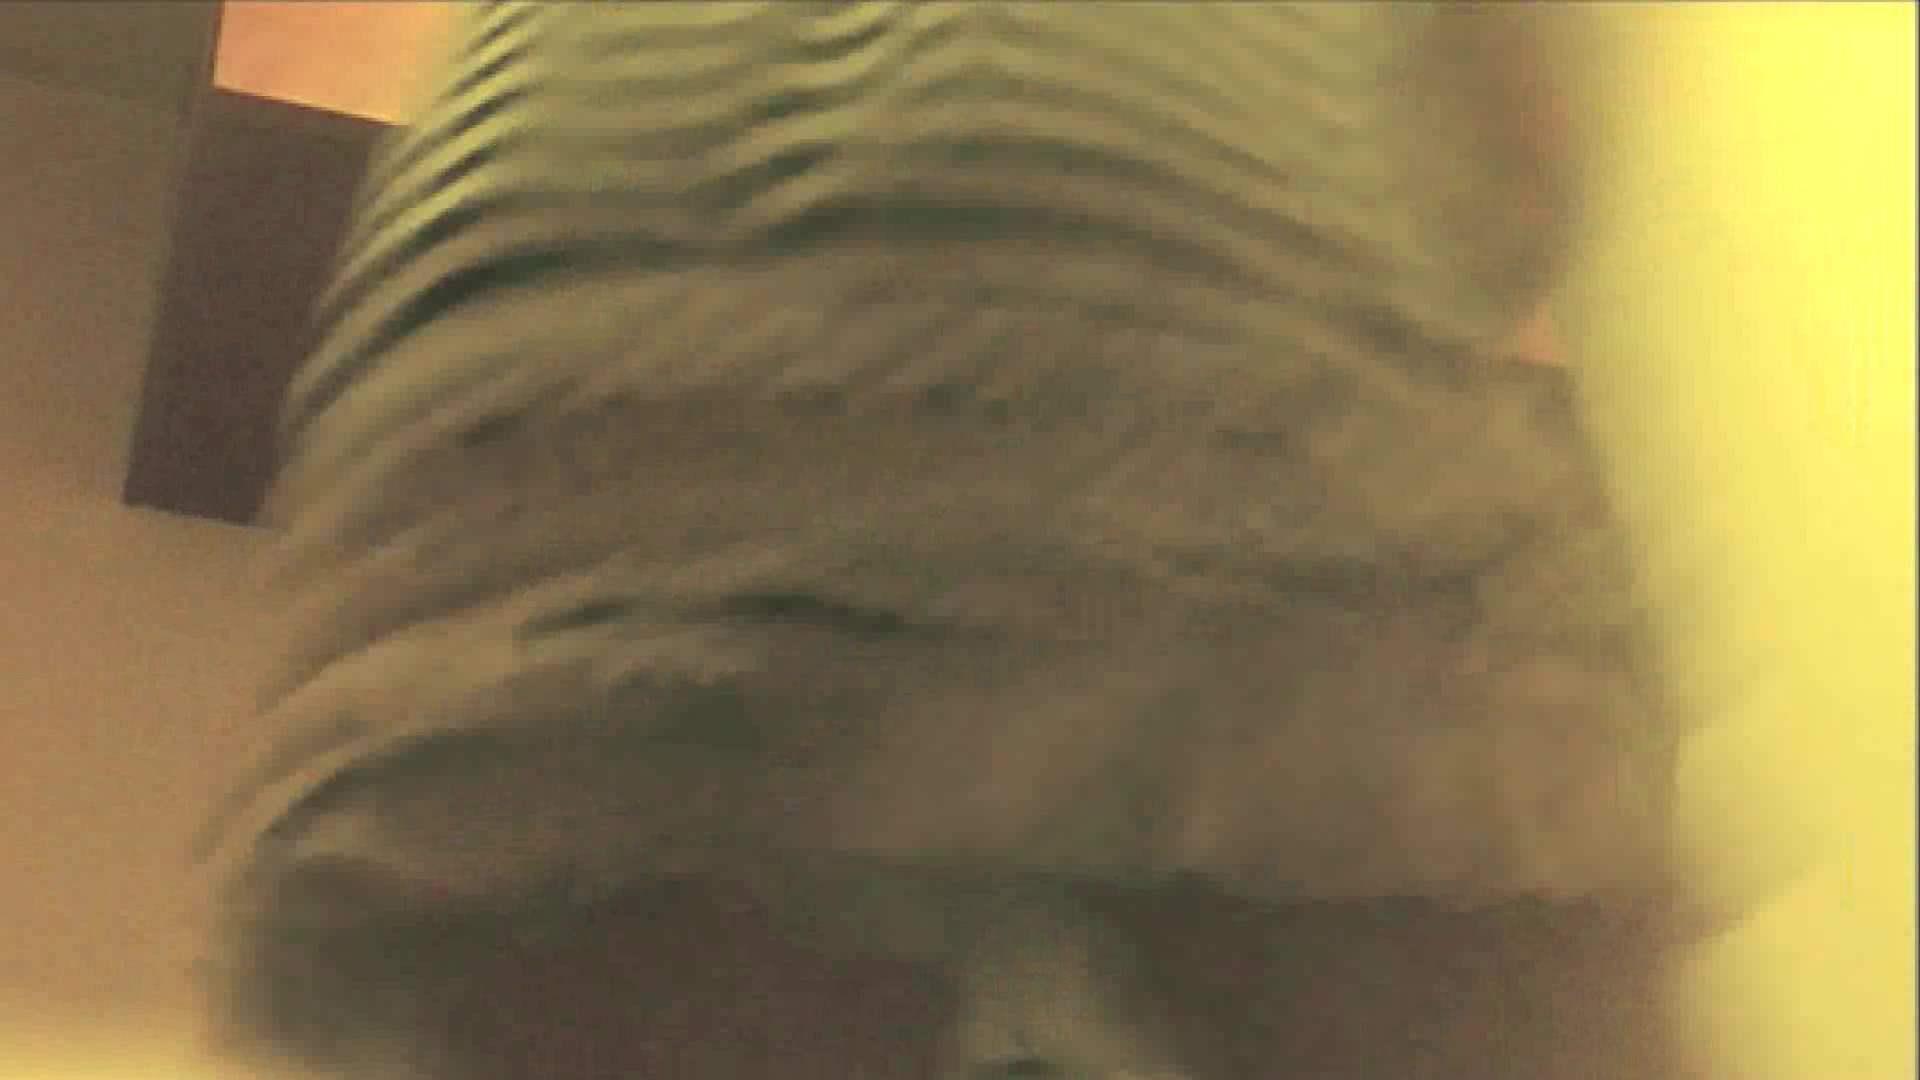 実録!!綺麗なお姉さんのトイレ事情・・・。vol.12 ナプキン  79pic 14